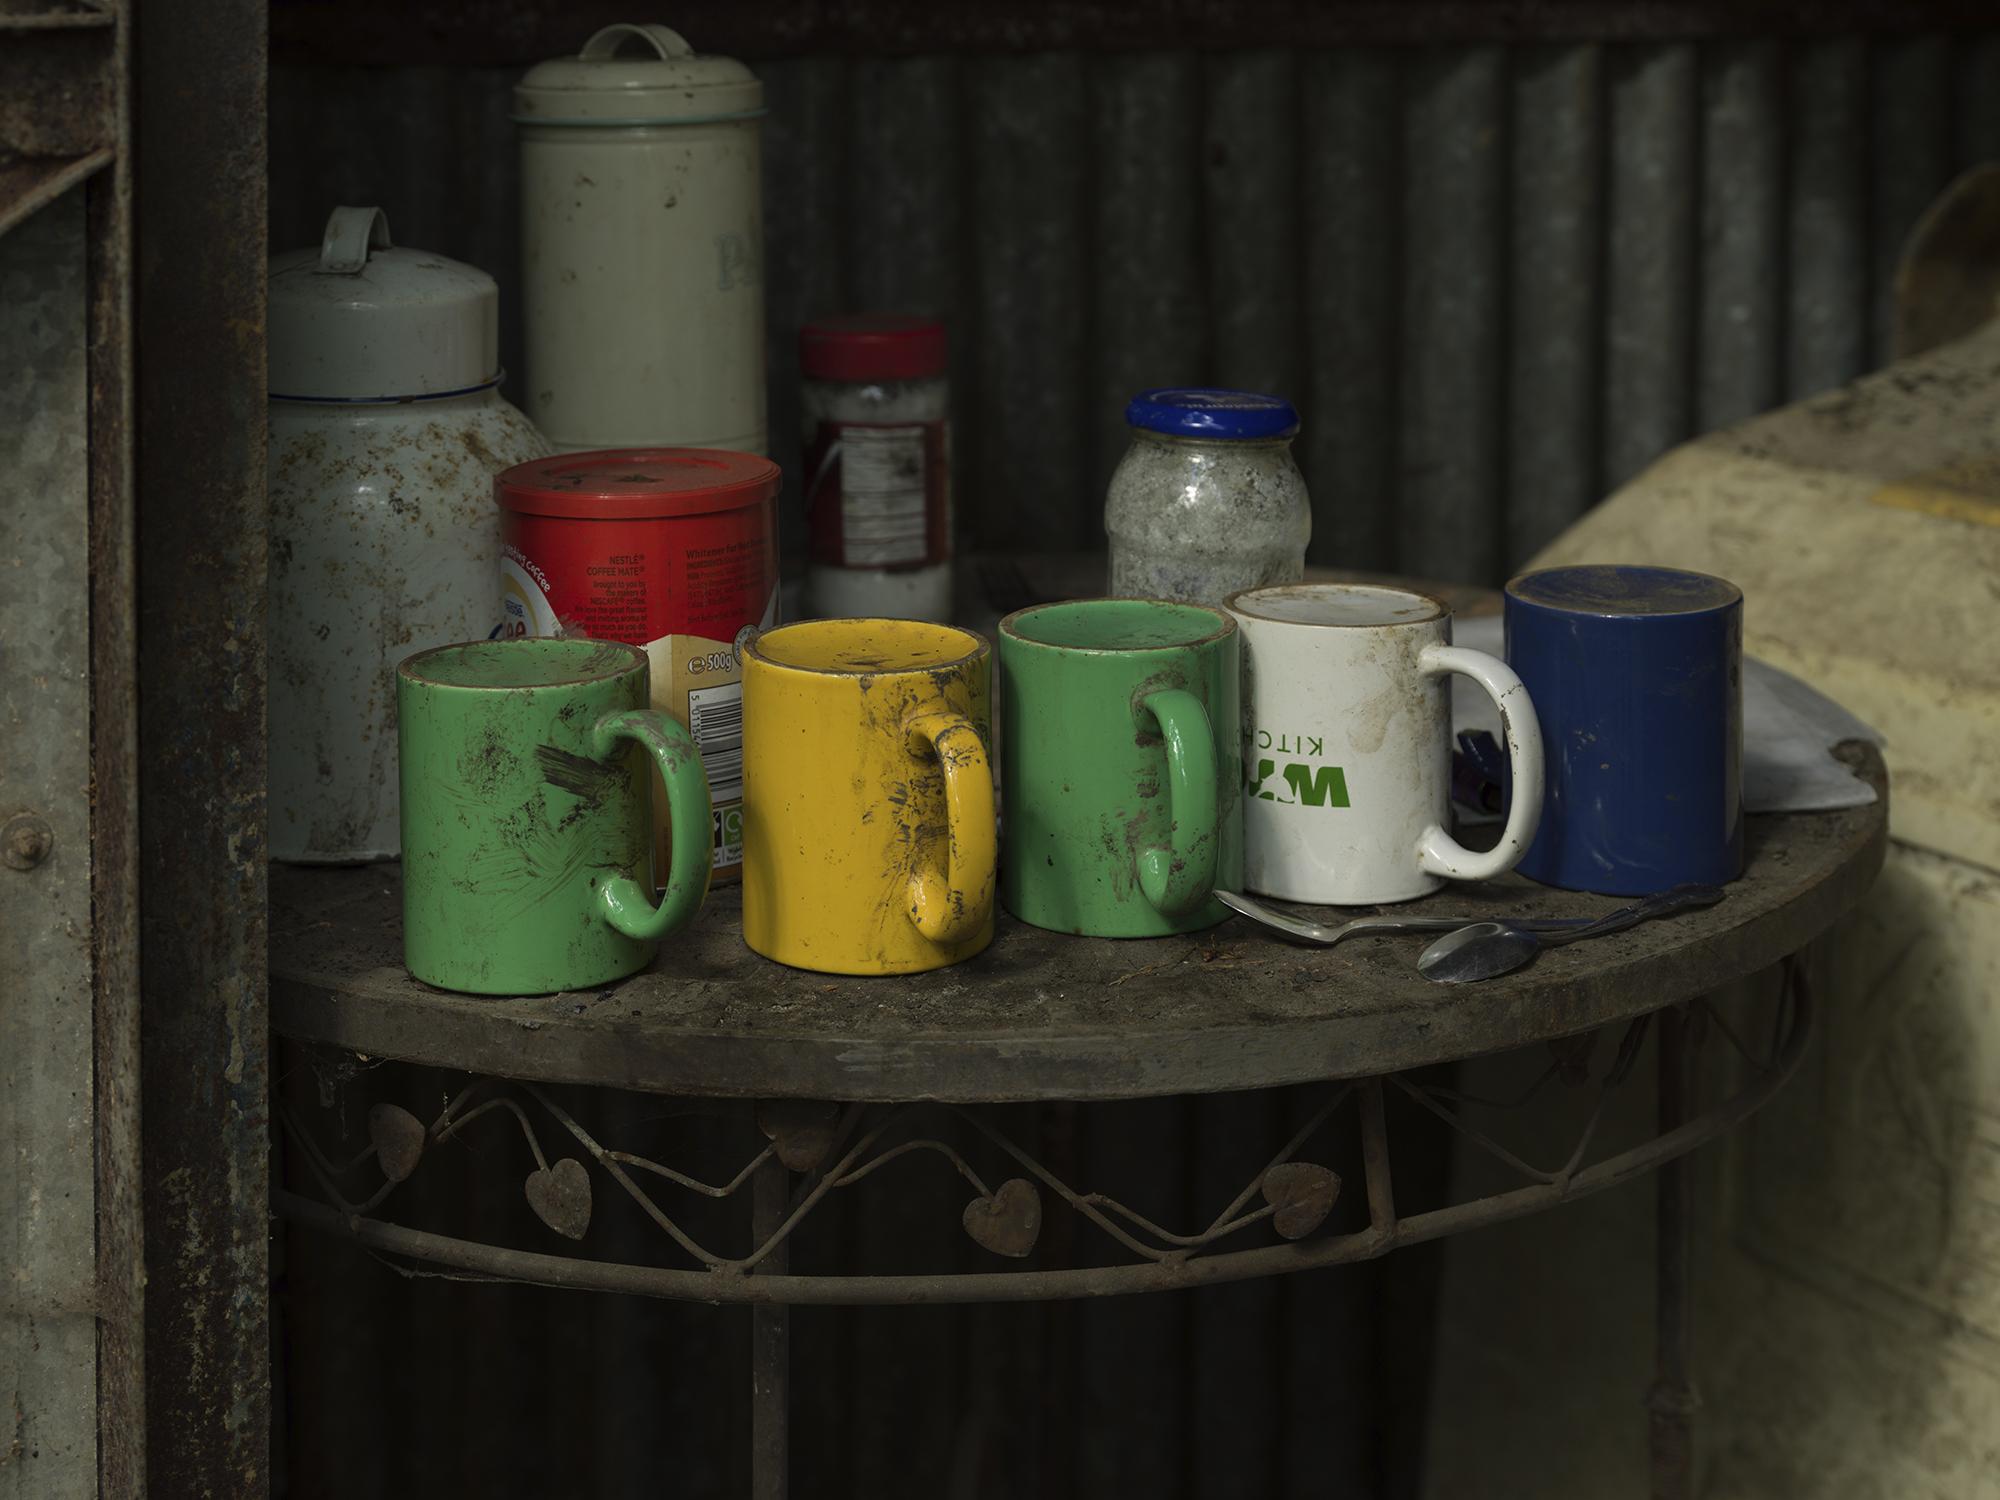 Tea mugs lined up on table